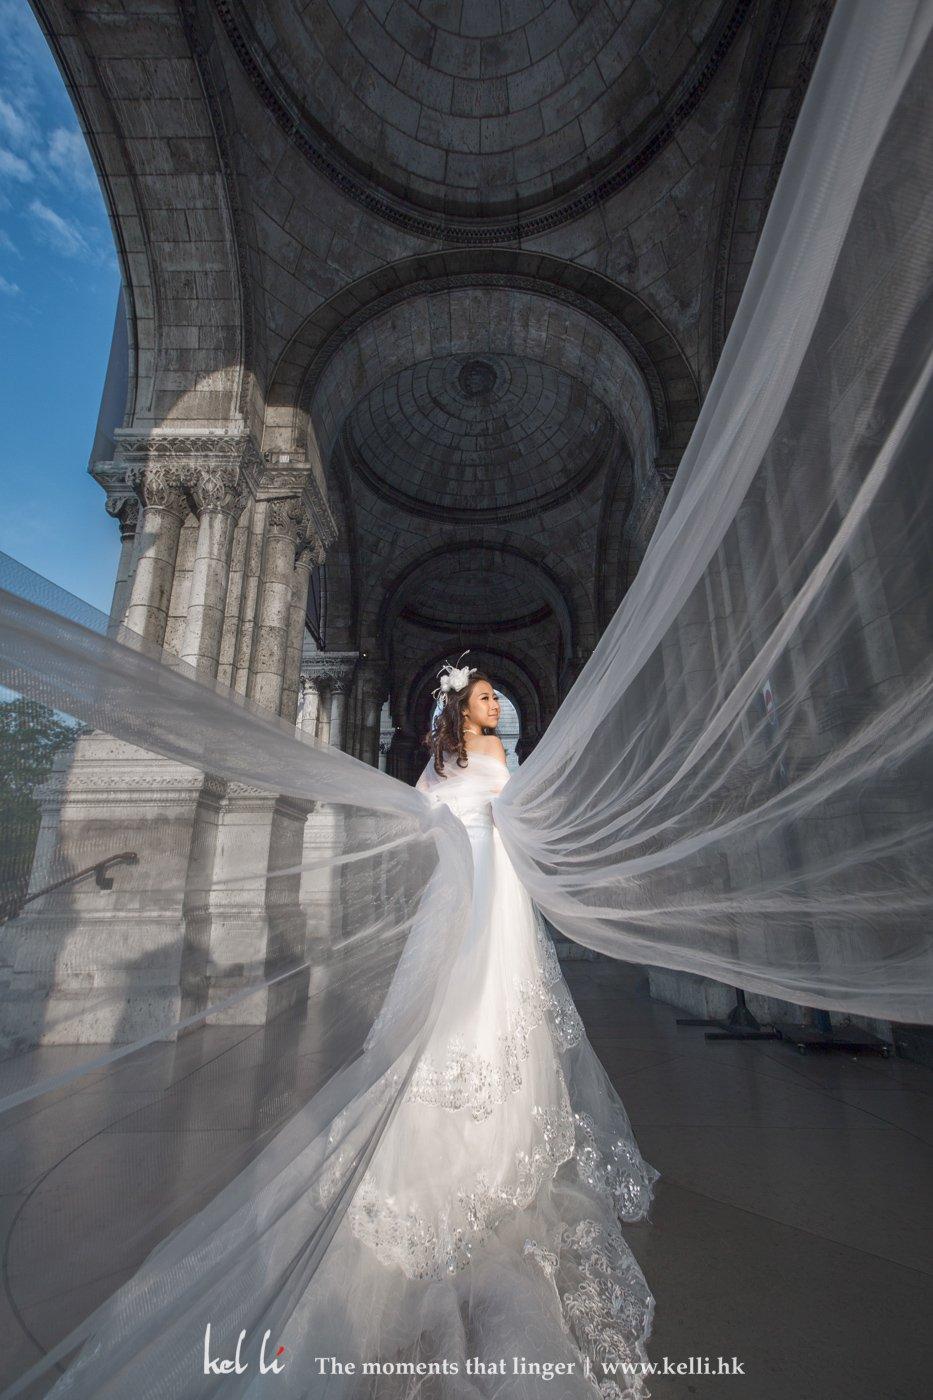 頭紗像為新娘子加上了雙翼